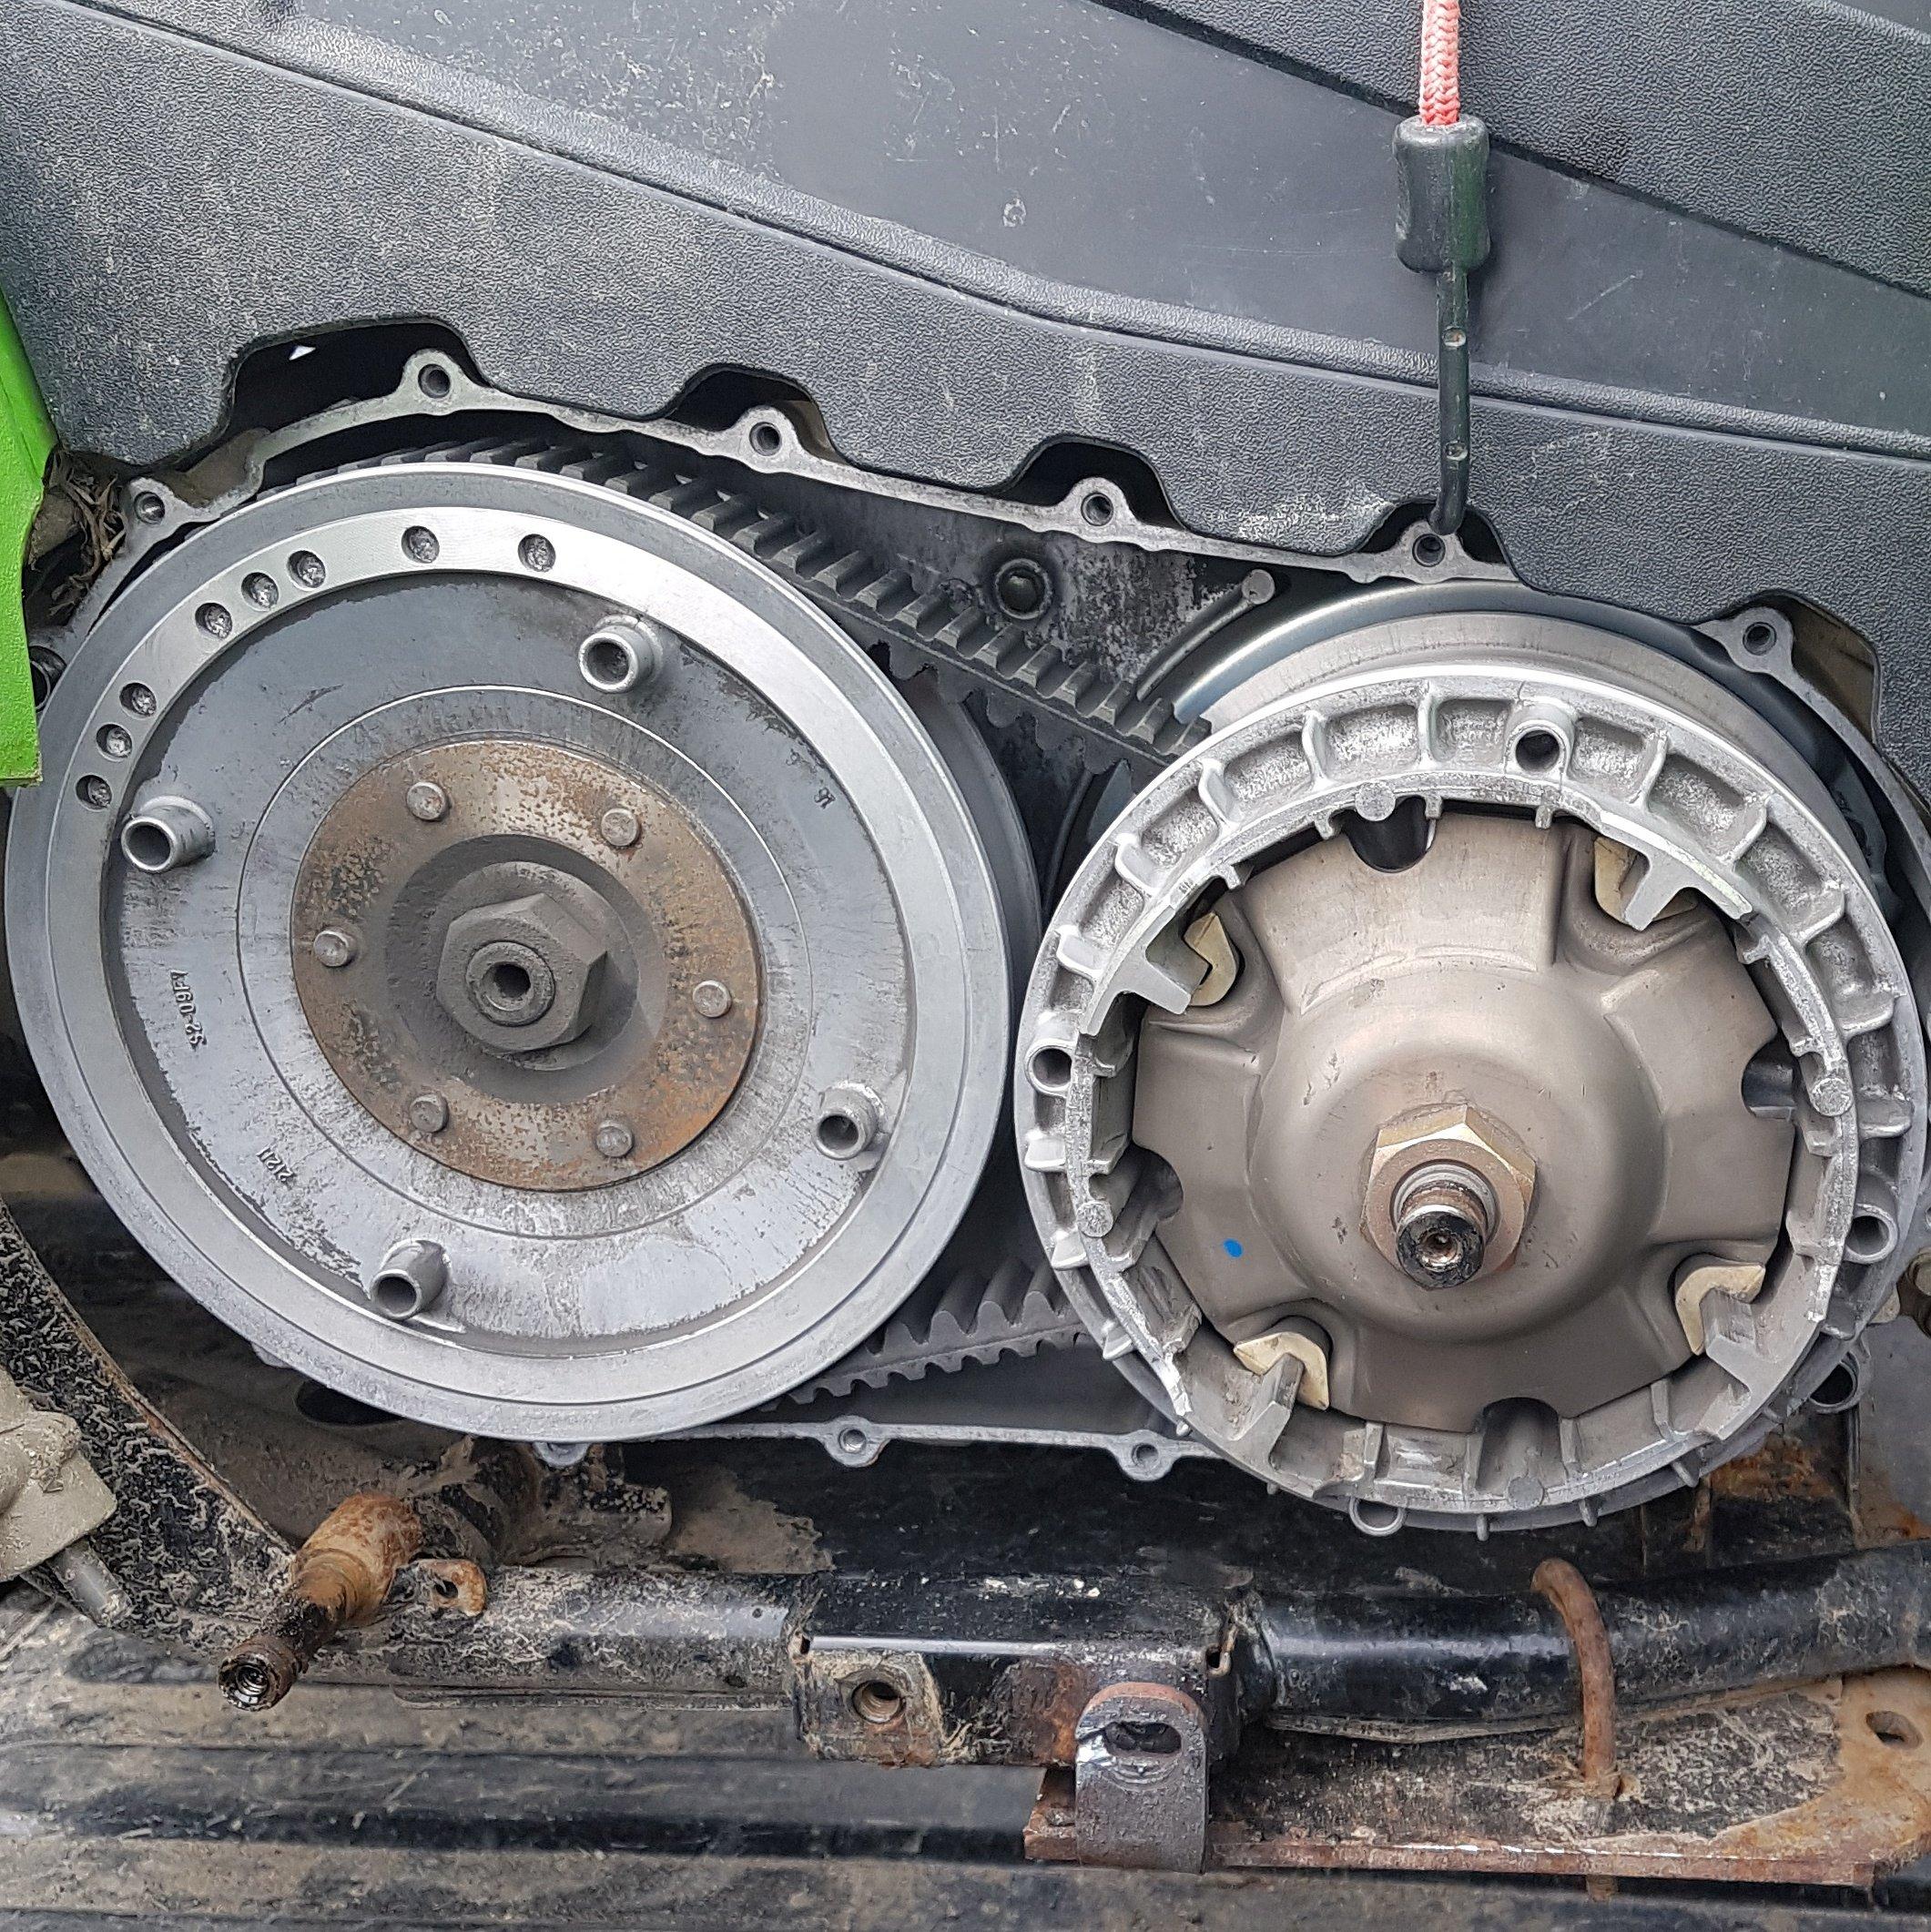 2007 500 auto belt change problems? - ArcticChat com - Arctic Cat Forum